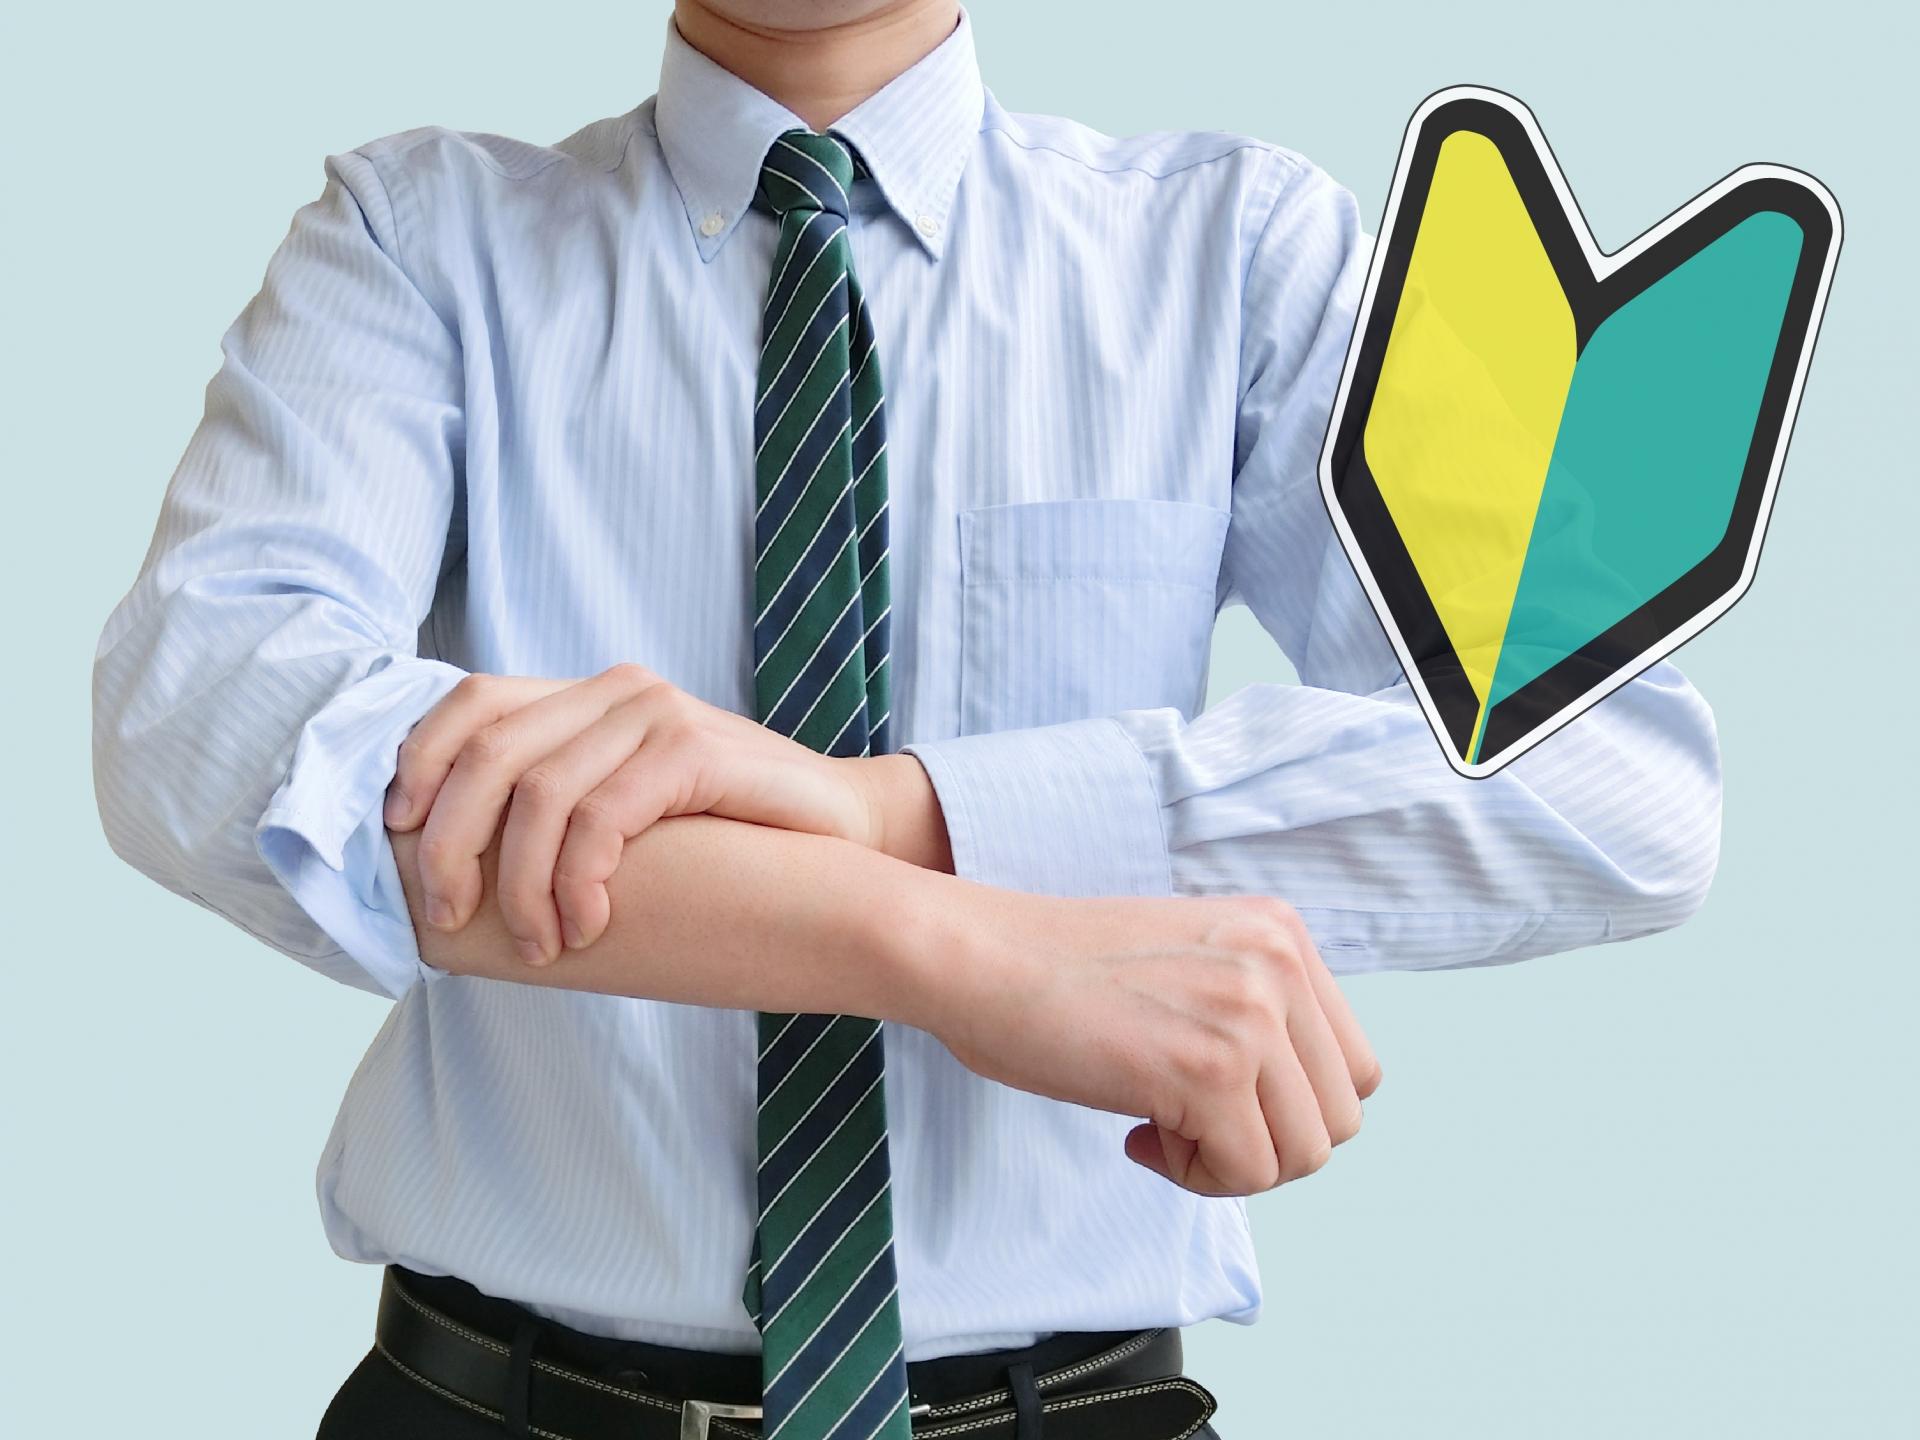 創業融資における事業経験